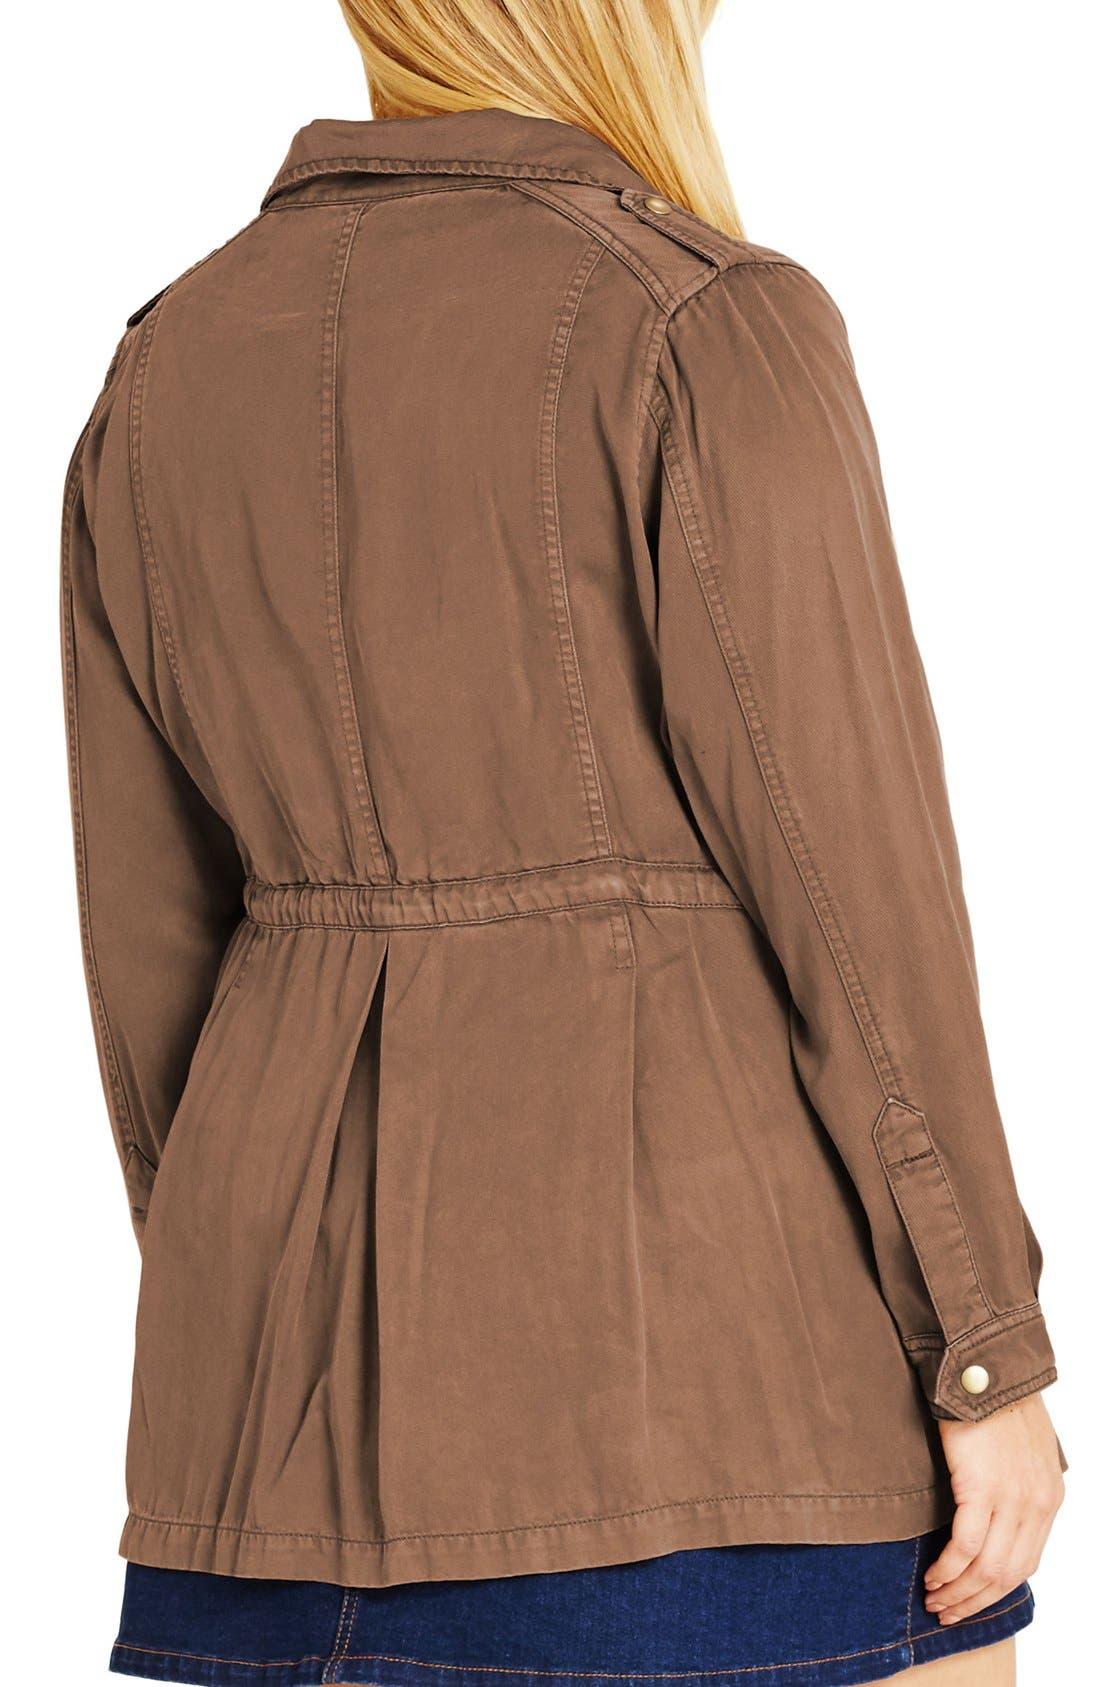 Alternate Image 2  - City Chic 'Adventure' Utility Jacket (Plus Size)